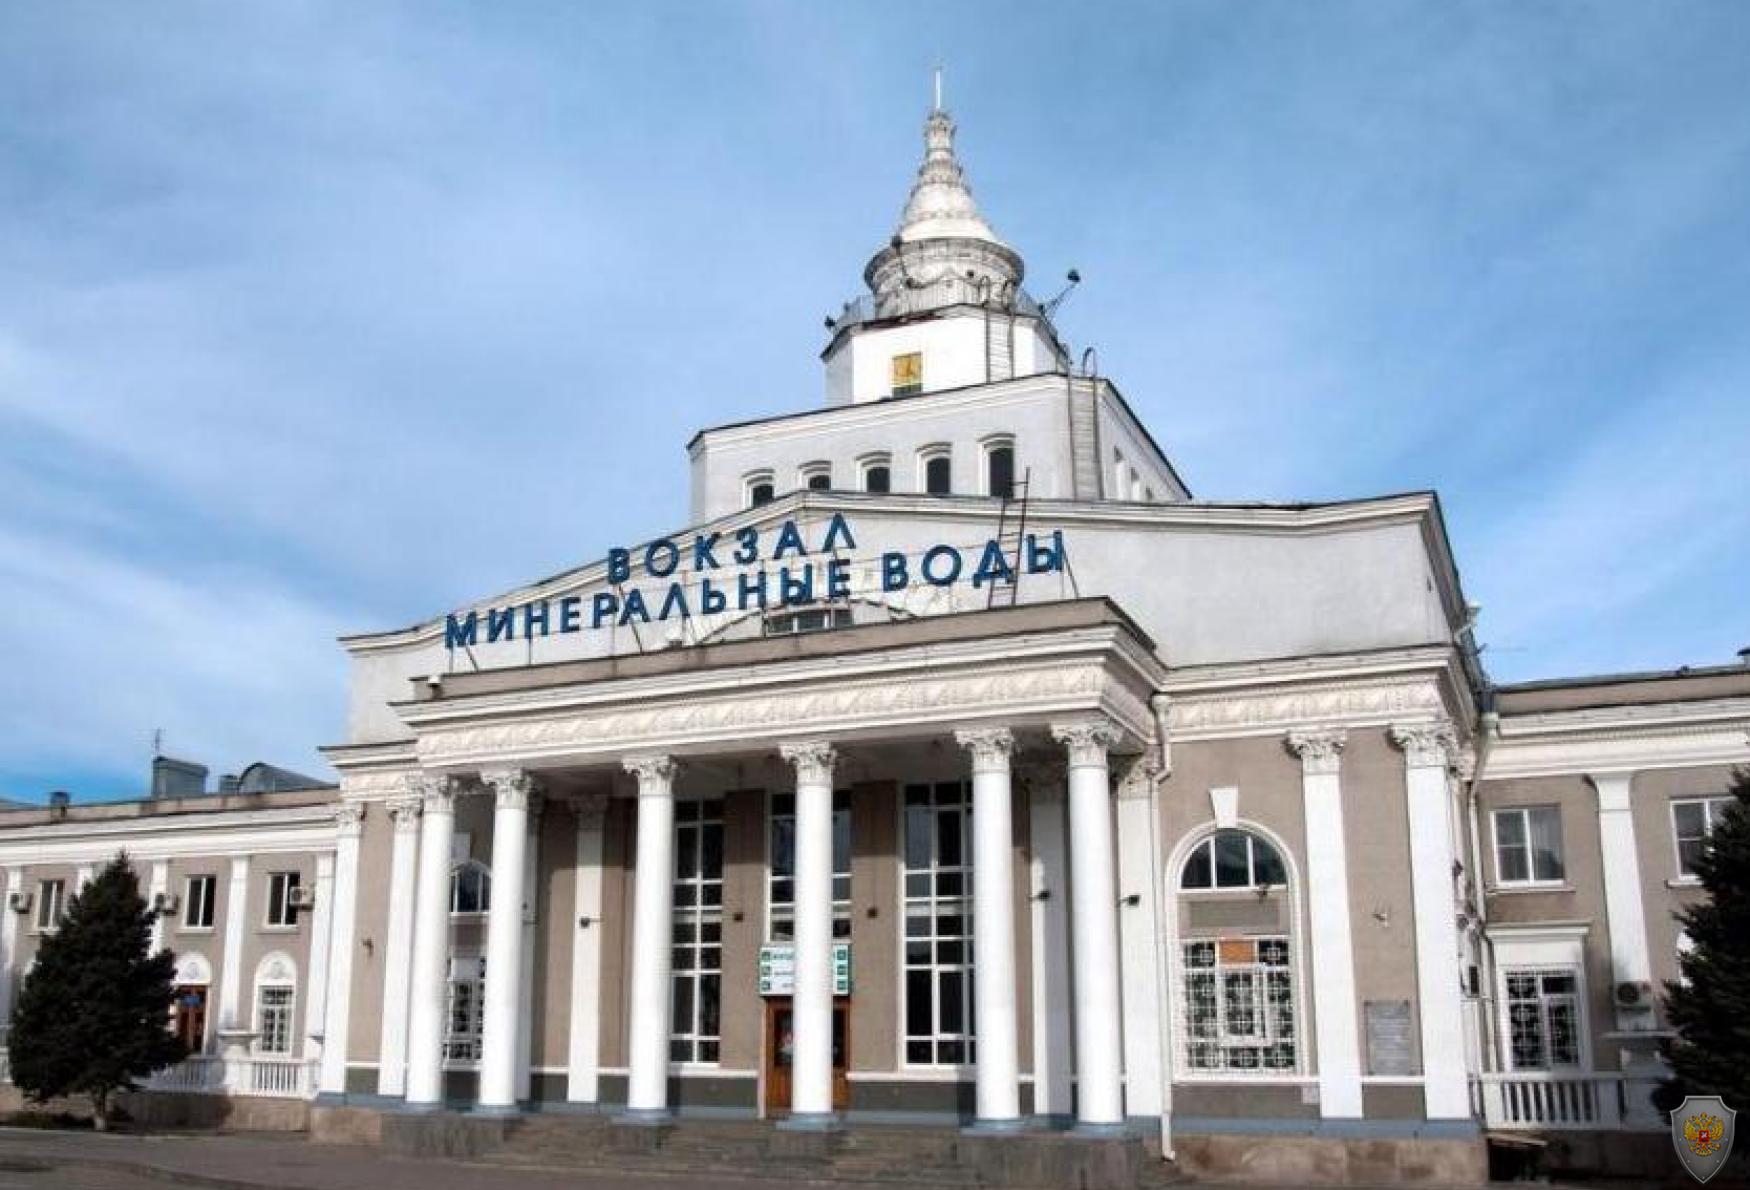 Объект проведения учения железнодорожный вокзал «Минеральные Воды»